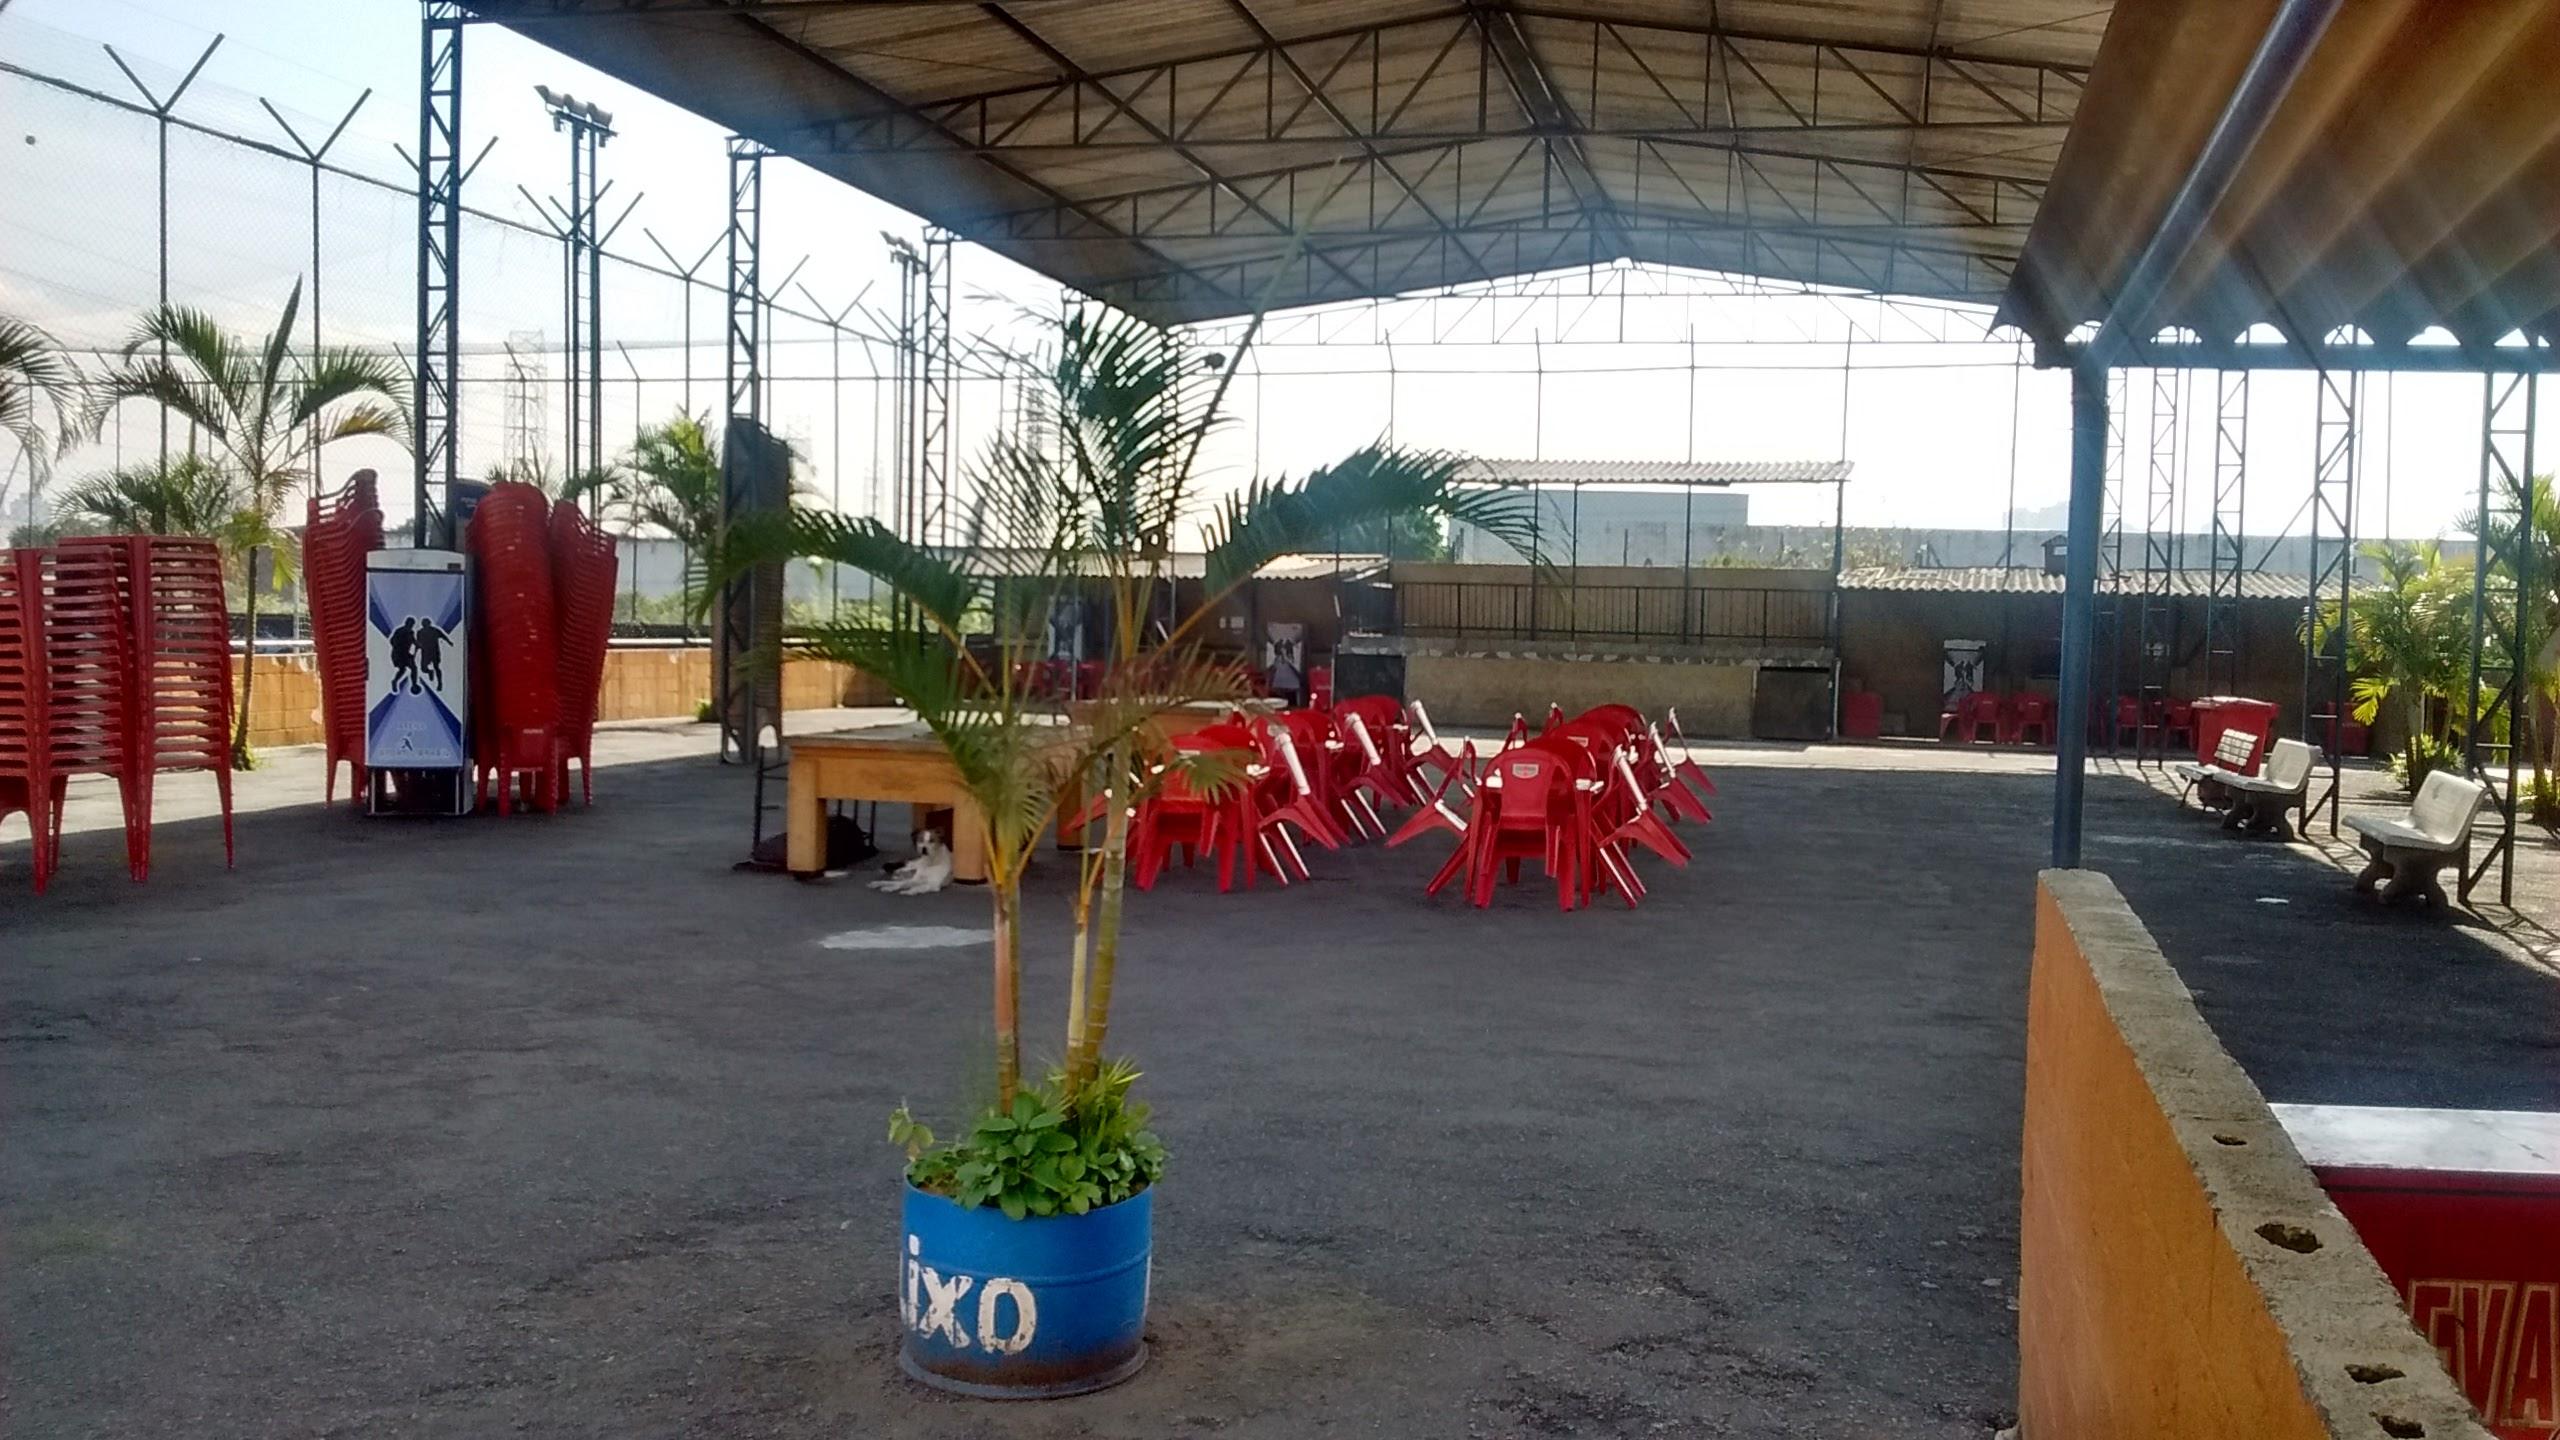 Arena sport brasil 2